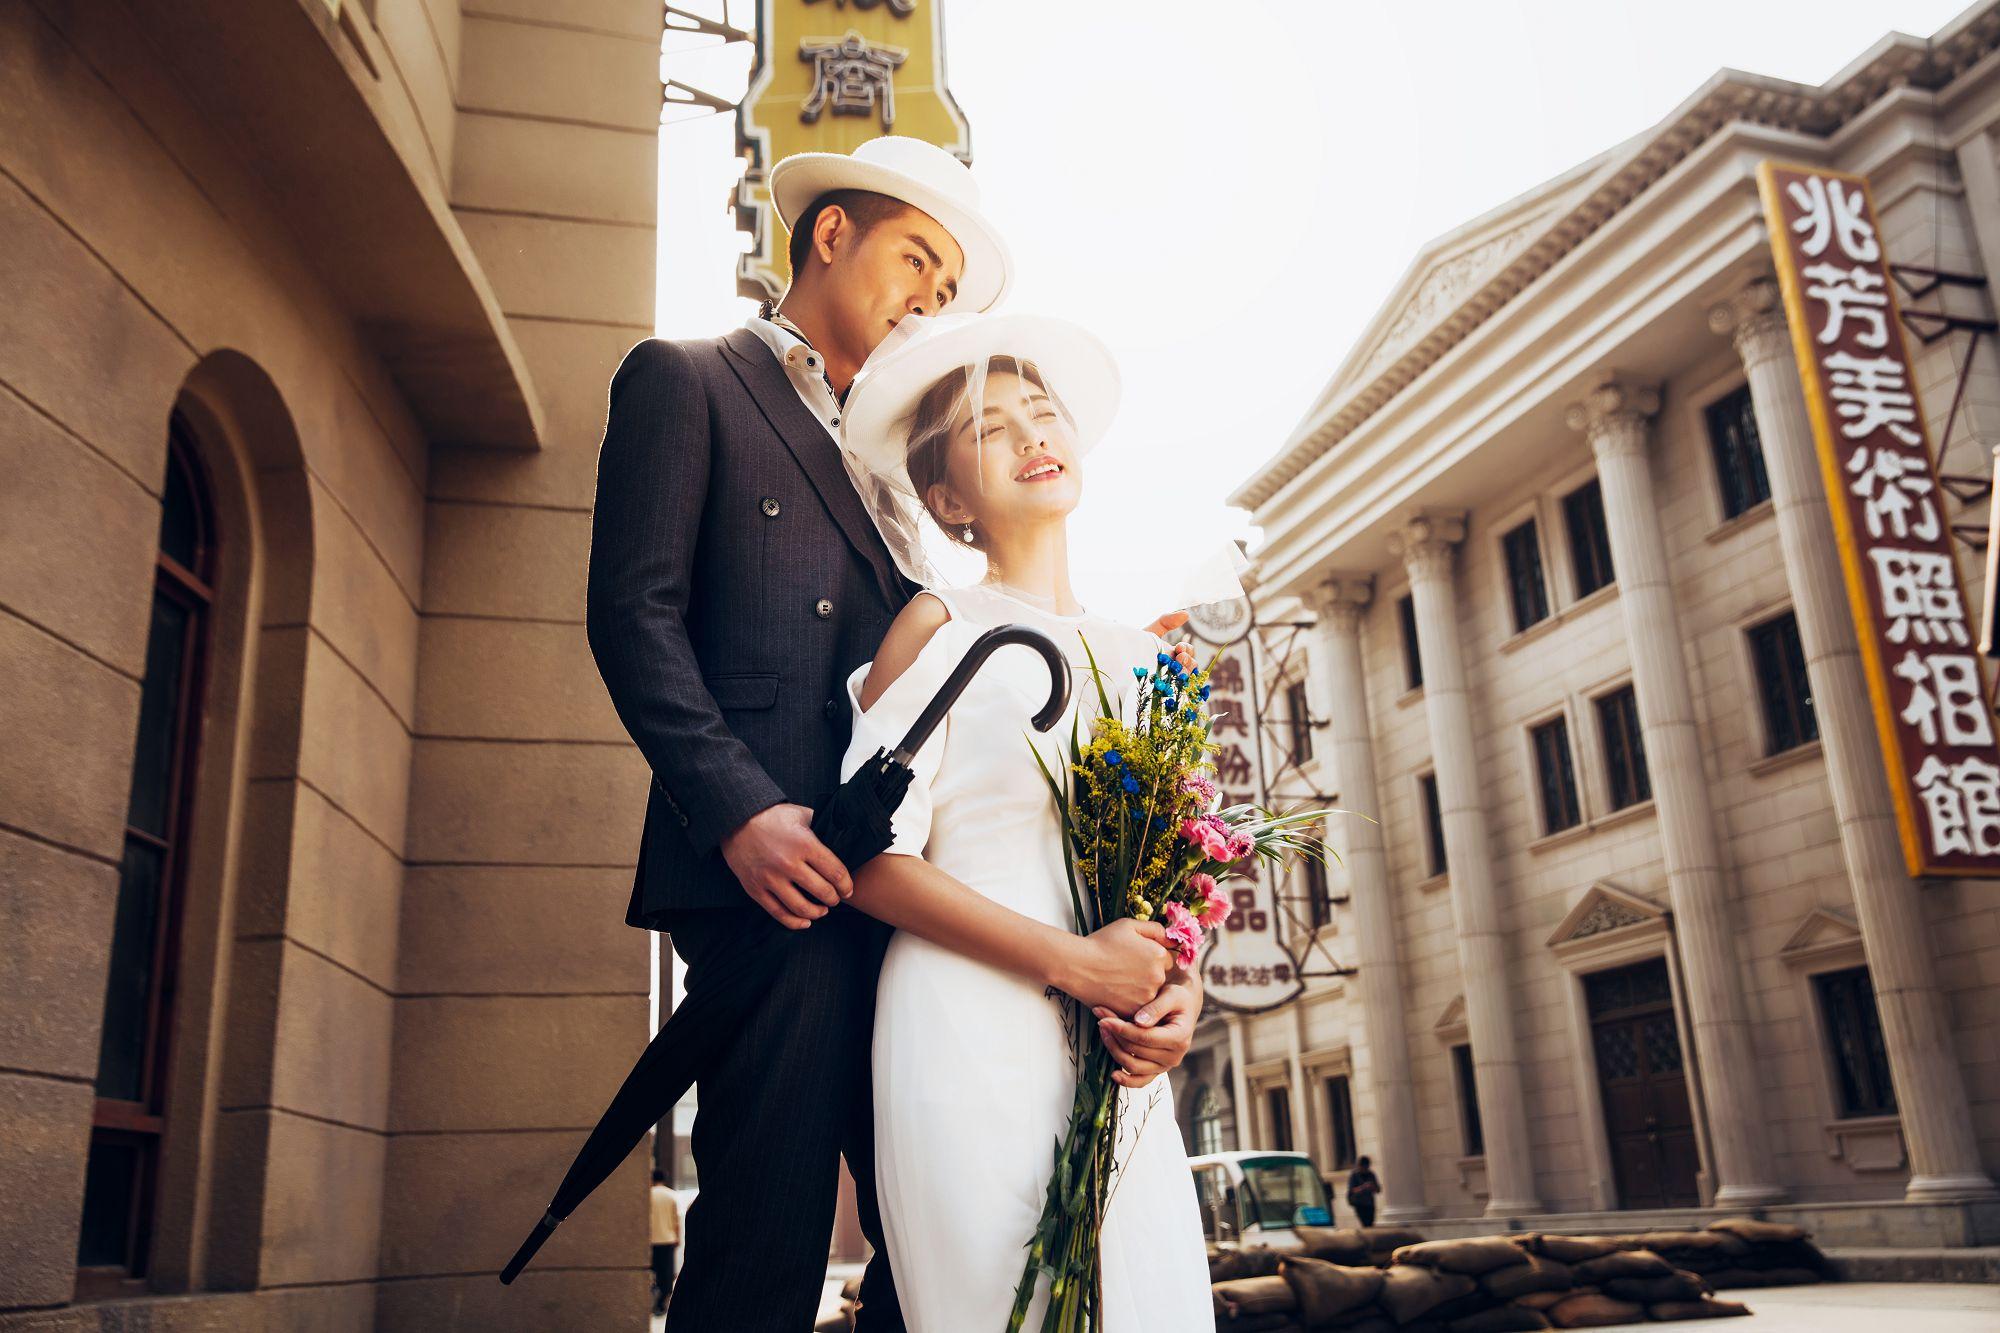 夏天结婚新娘穿什么鞋 ,适合夏天的婚鞋有哪些